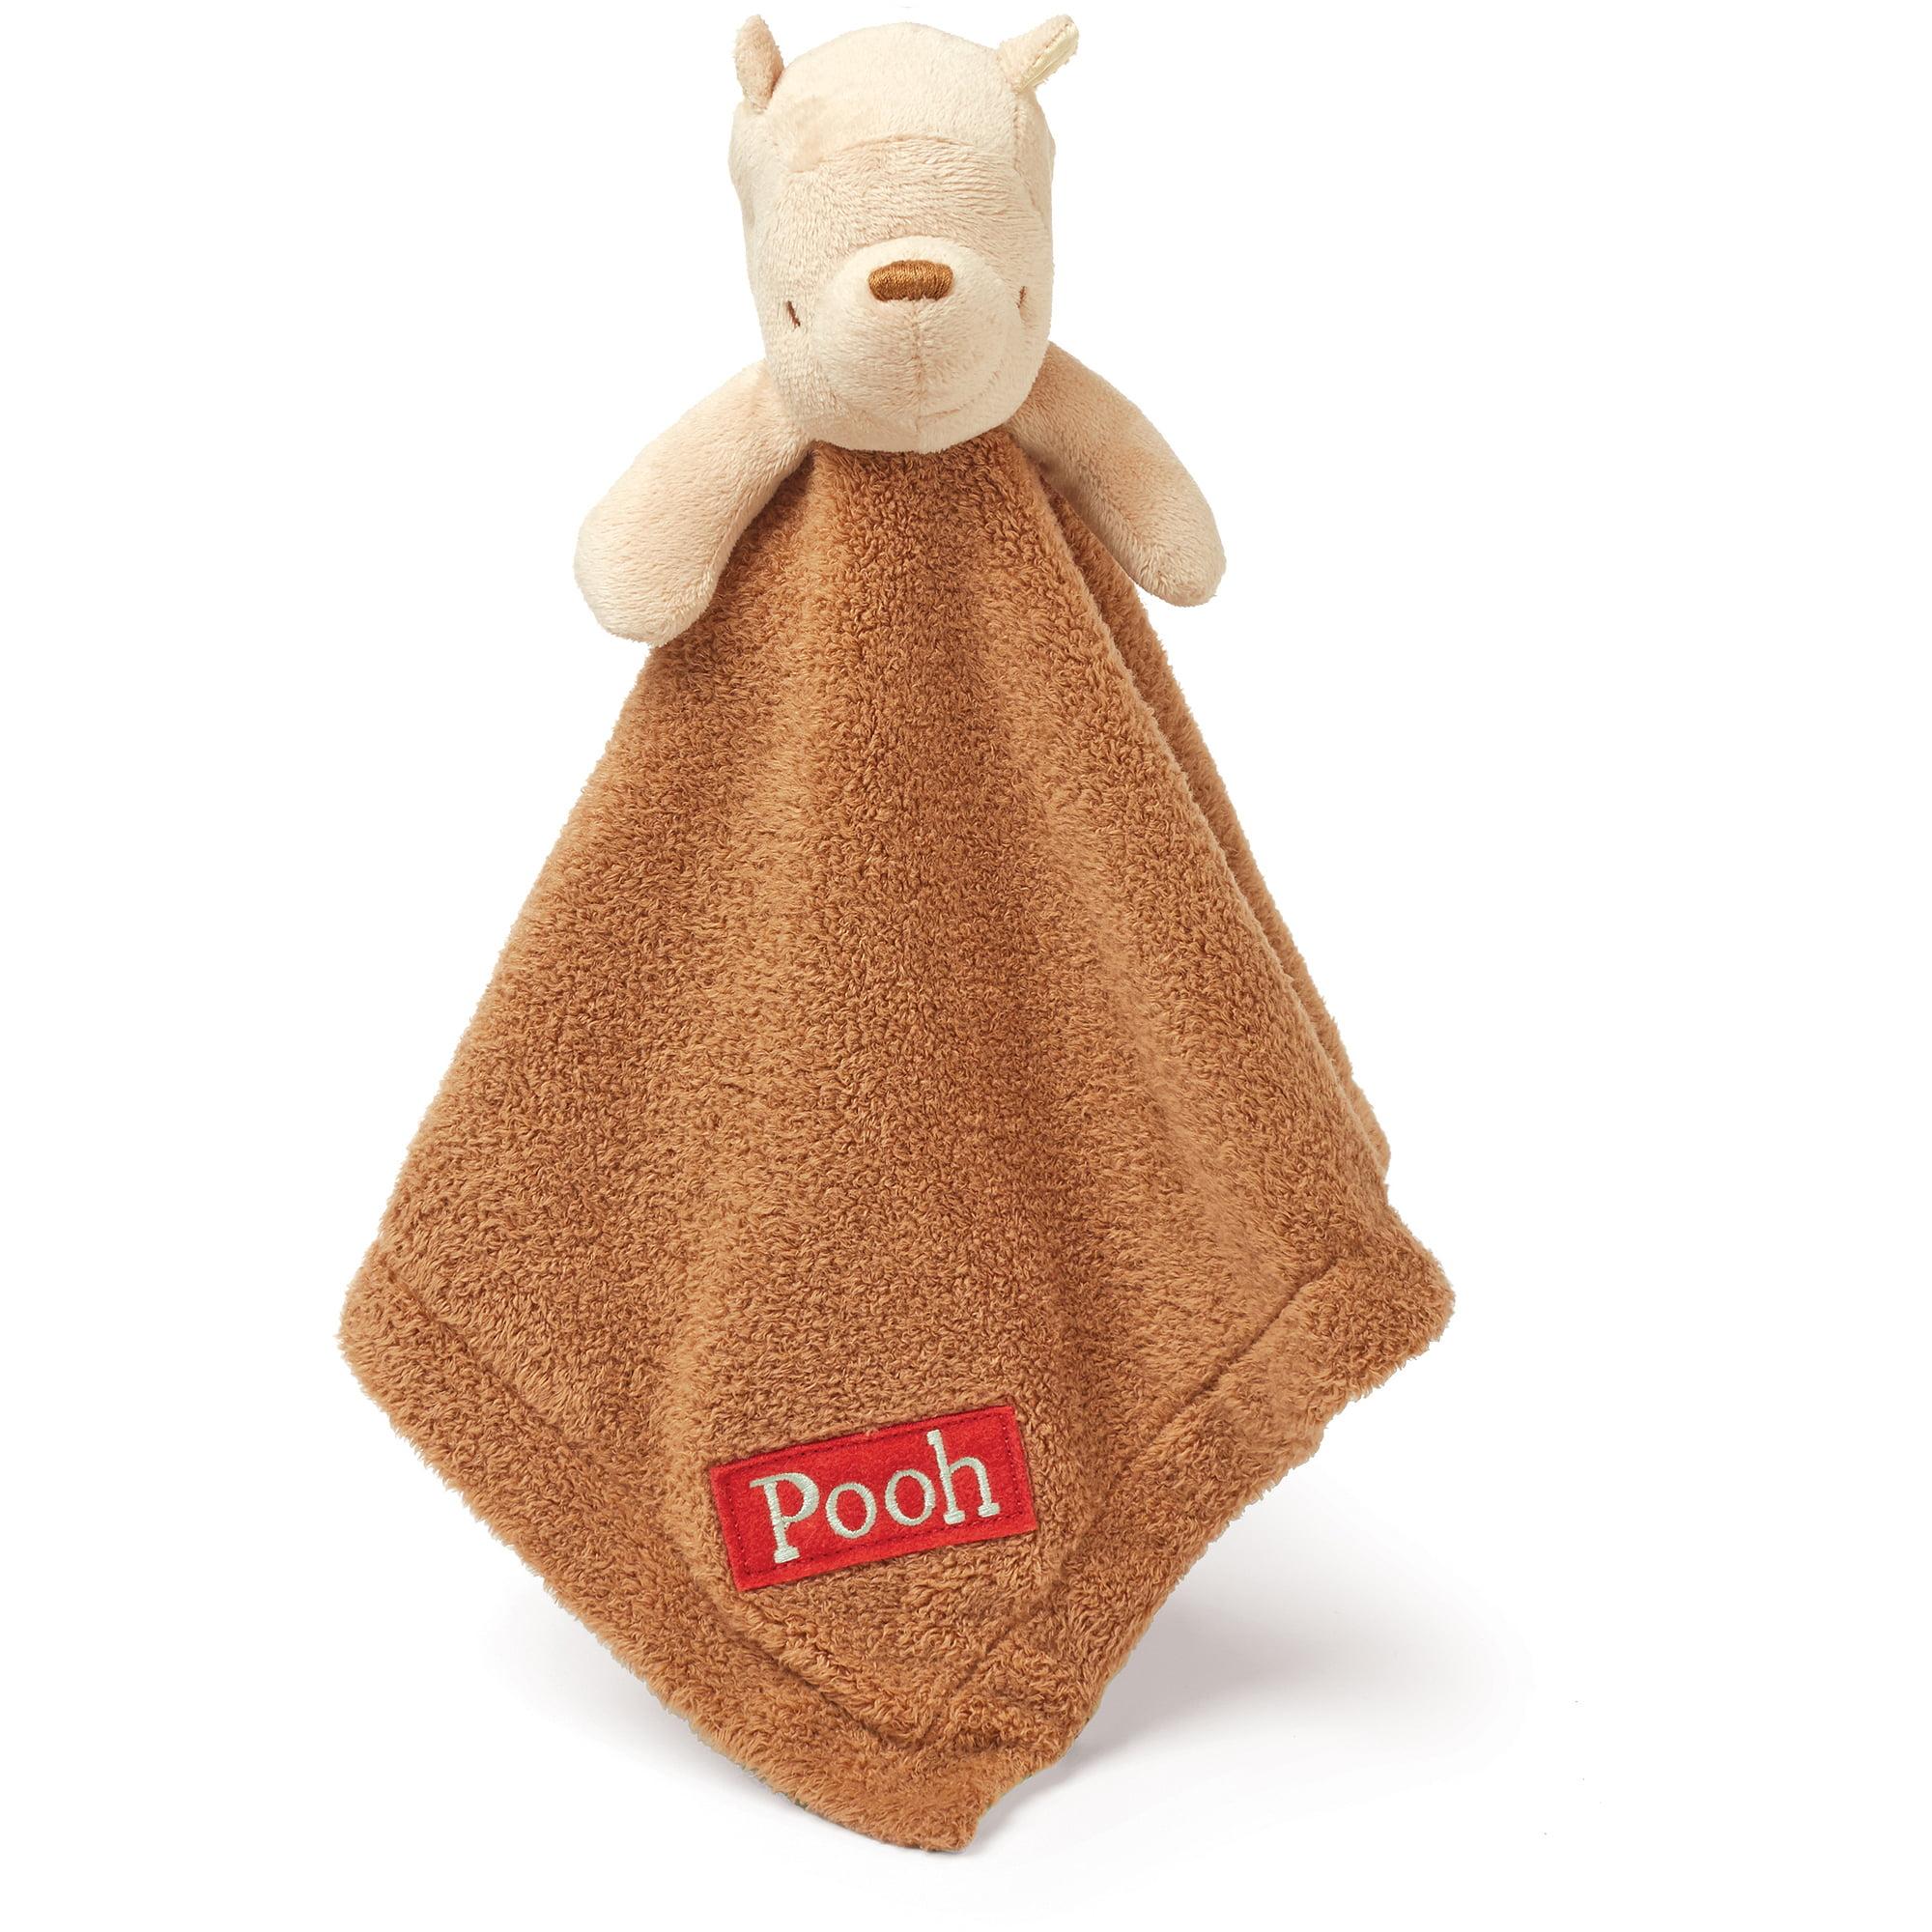 Kids Preferred Disney Baby Classic Pooh Blanky by Disney